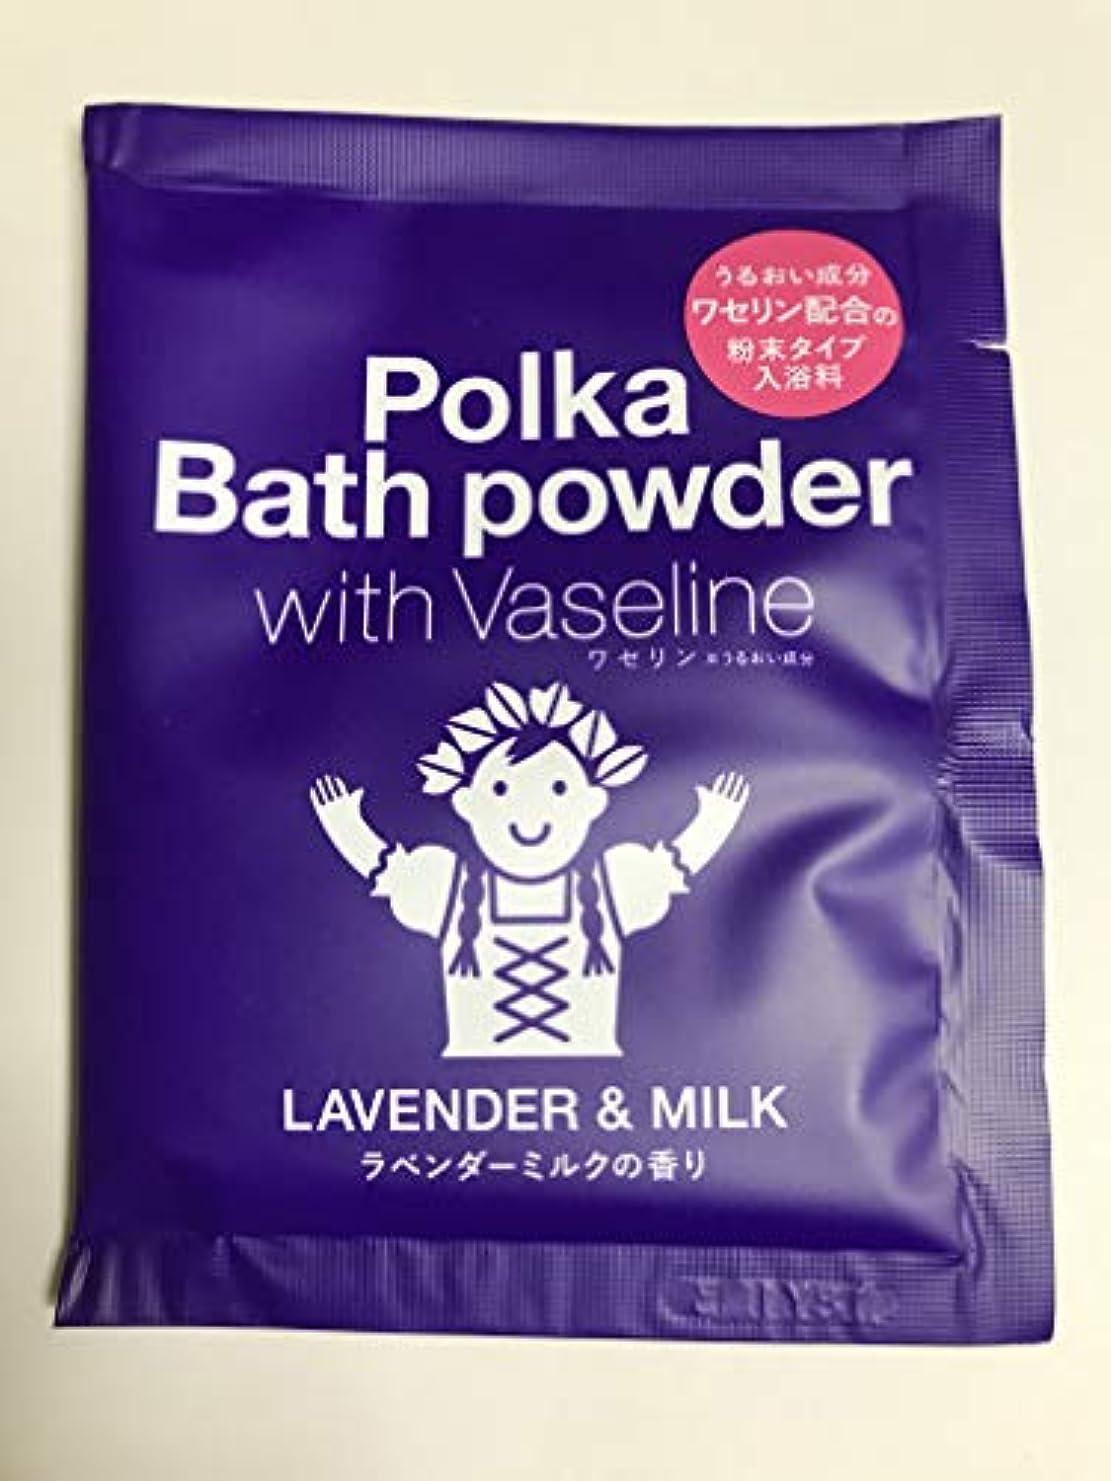 キャンプ億寸前ポルカバス入浴料 ラベンダーミルク 40g